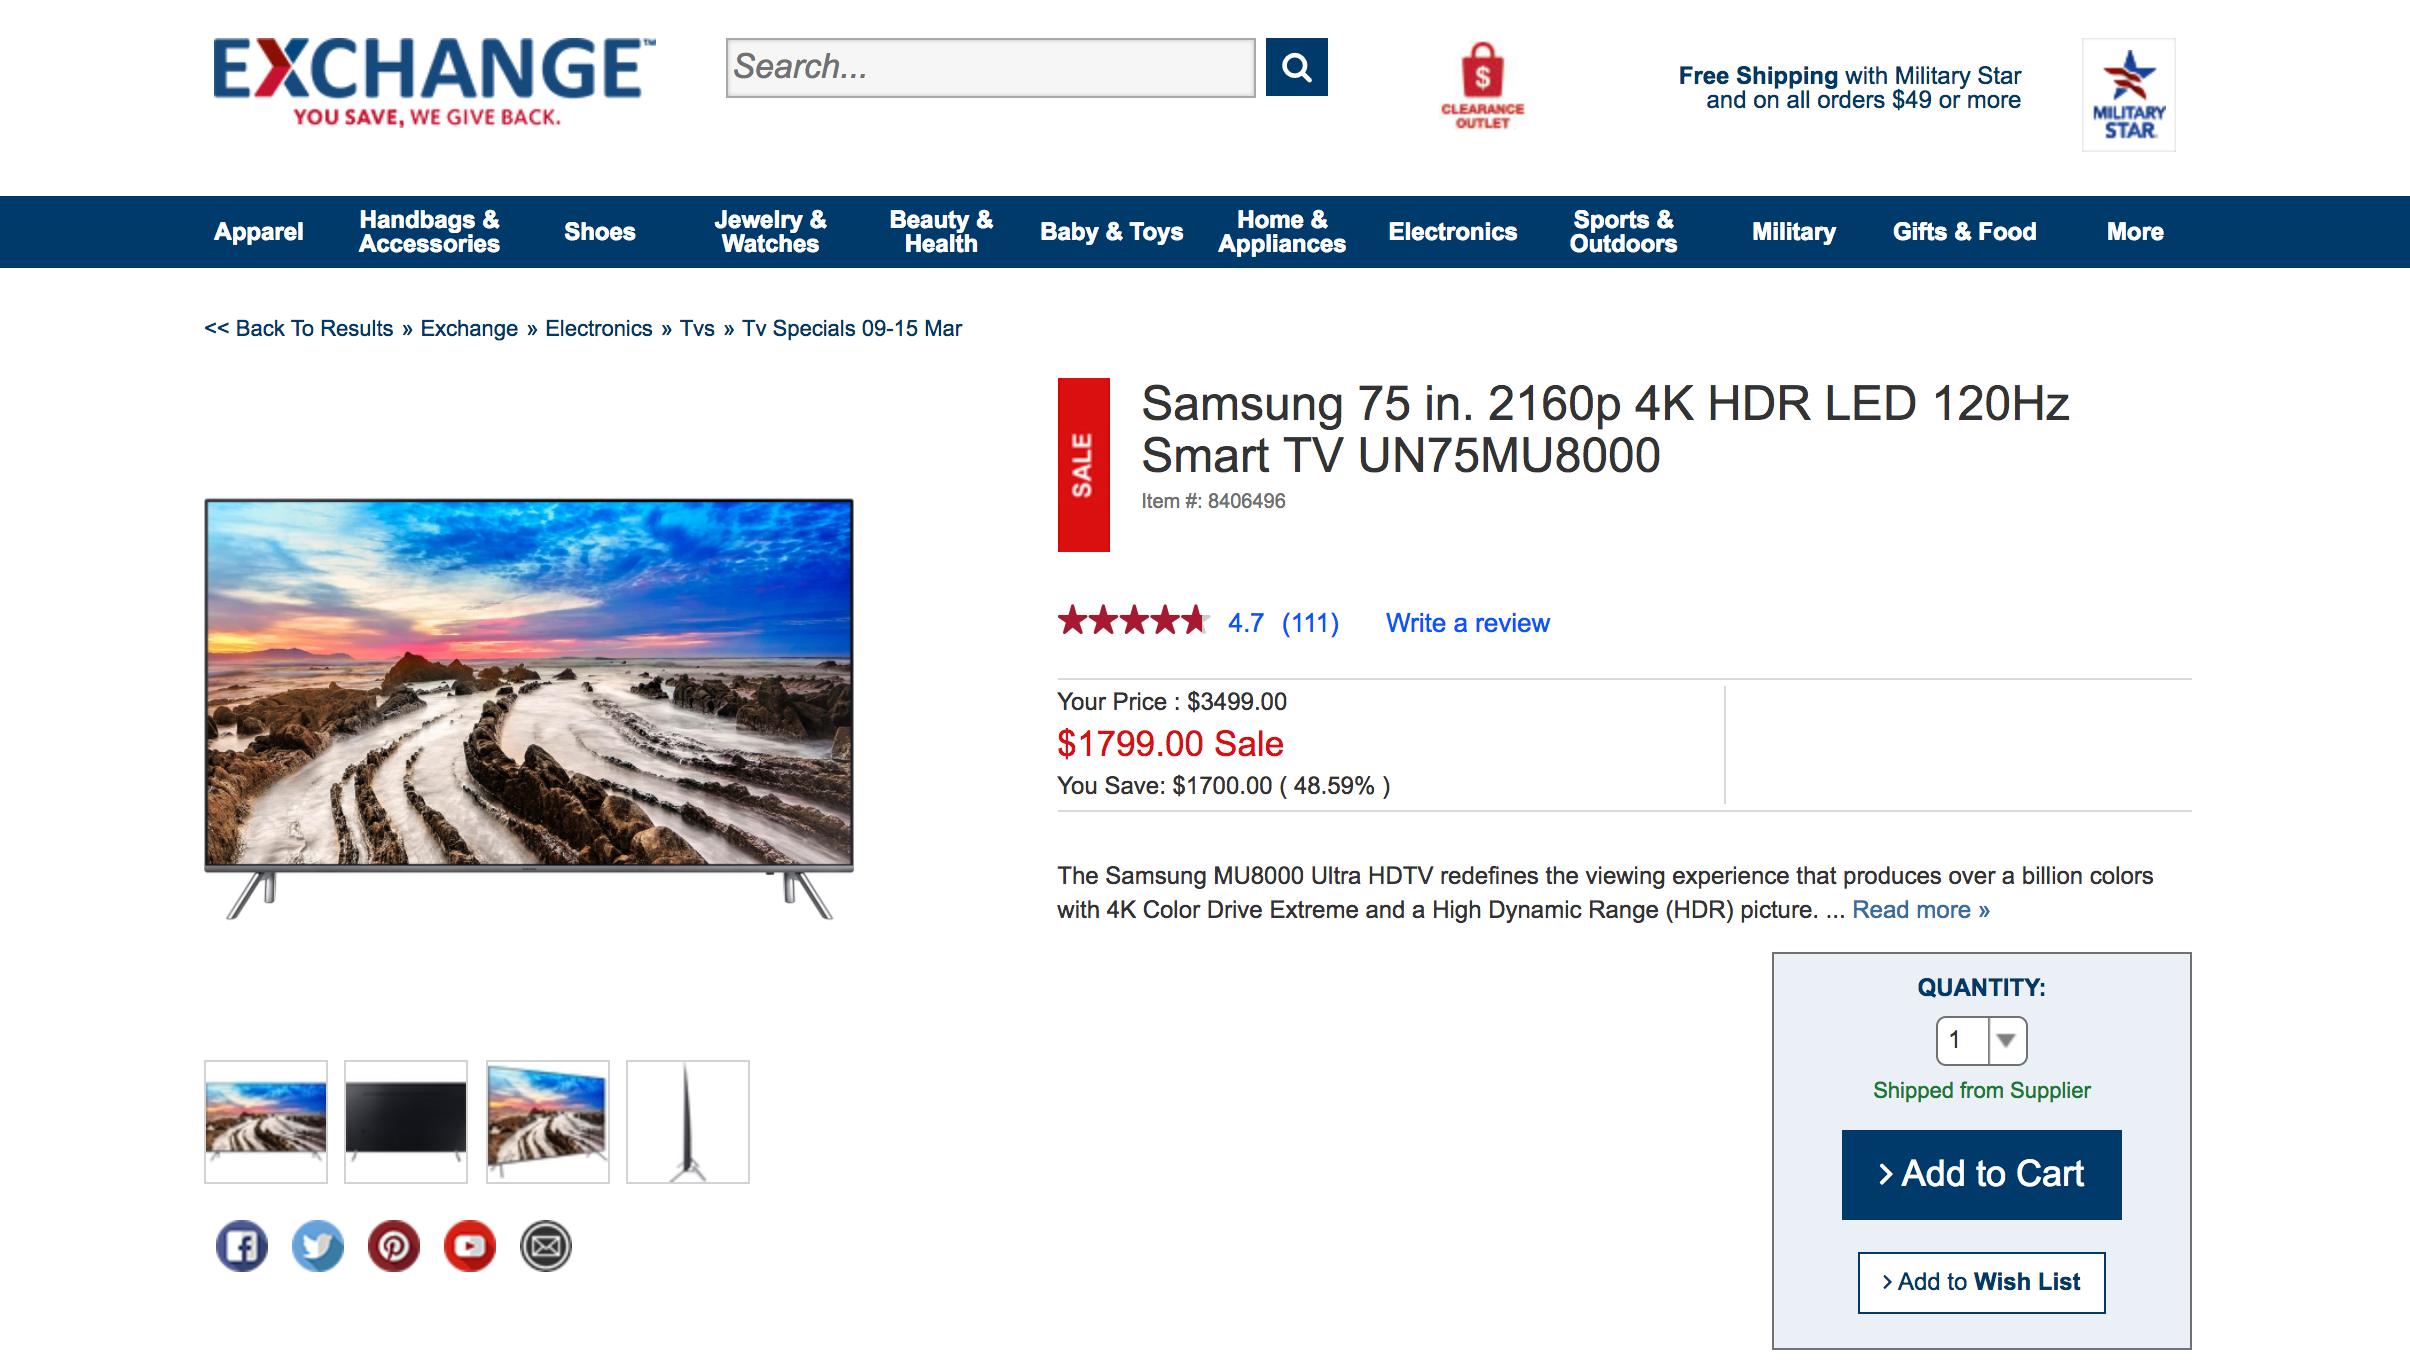 AAFES / Military - Samsung 75 in. 4K UN75MU8000 $1799.00 No Tax